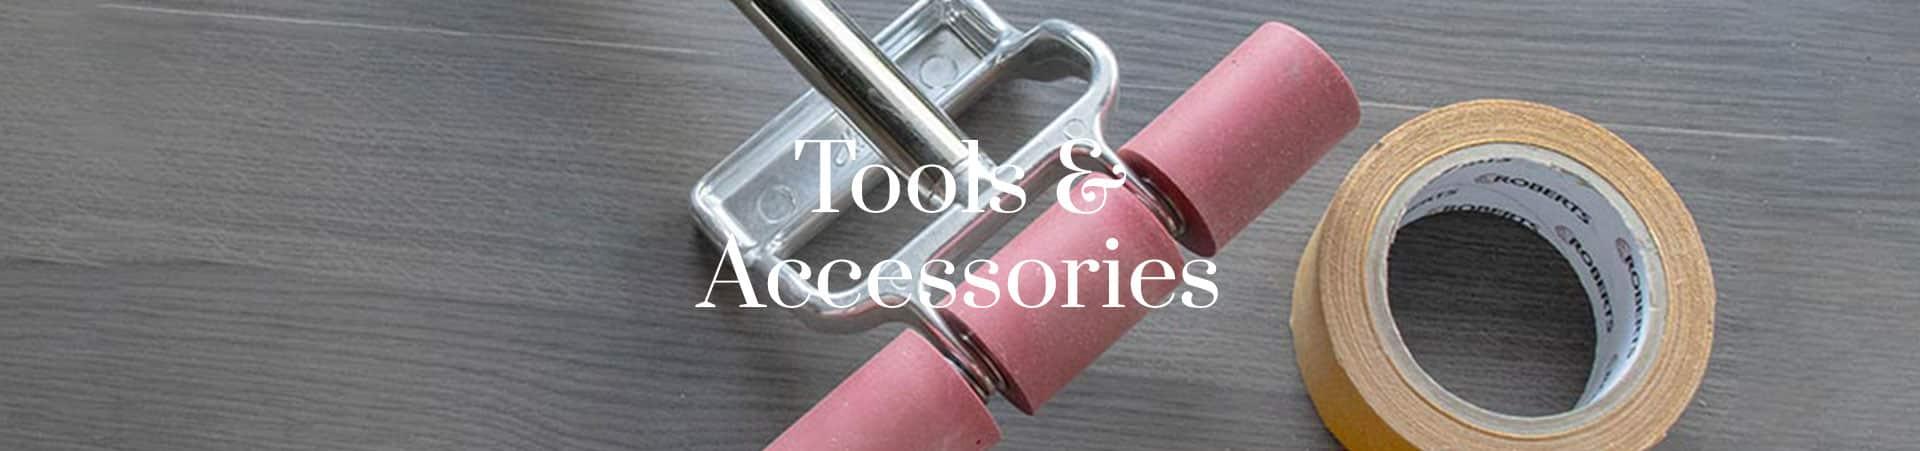 Roberts tools & Accessories